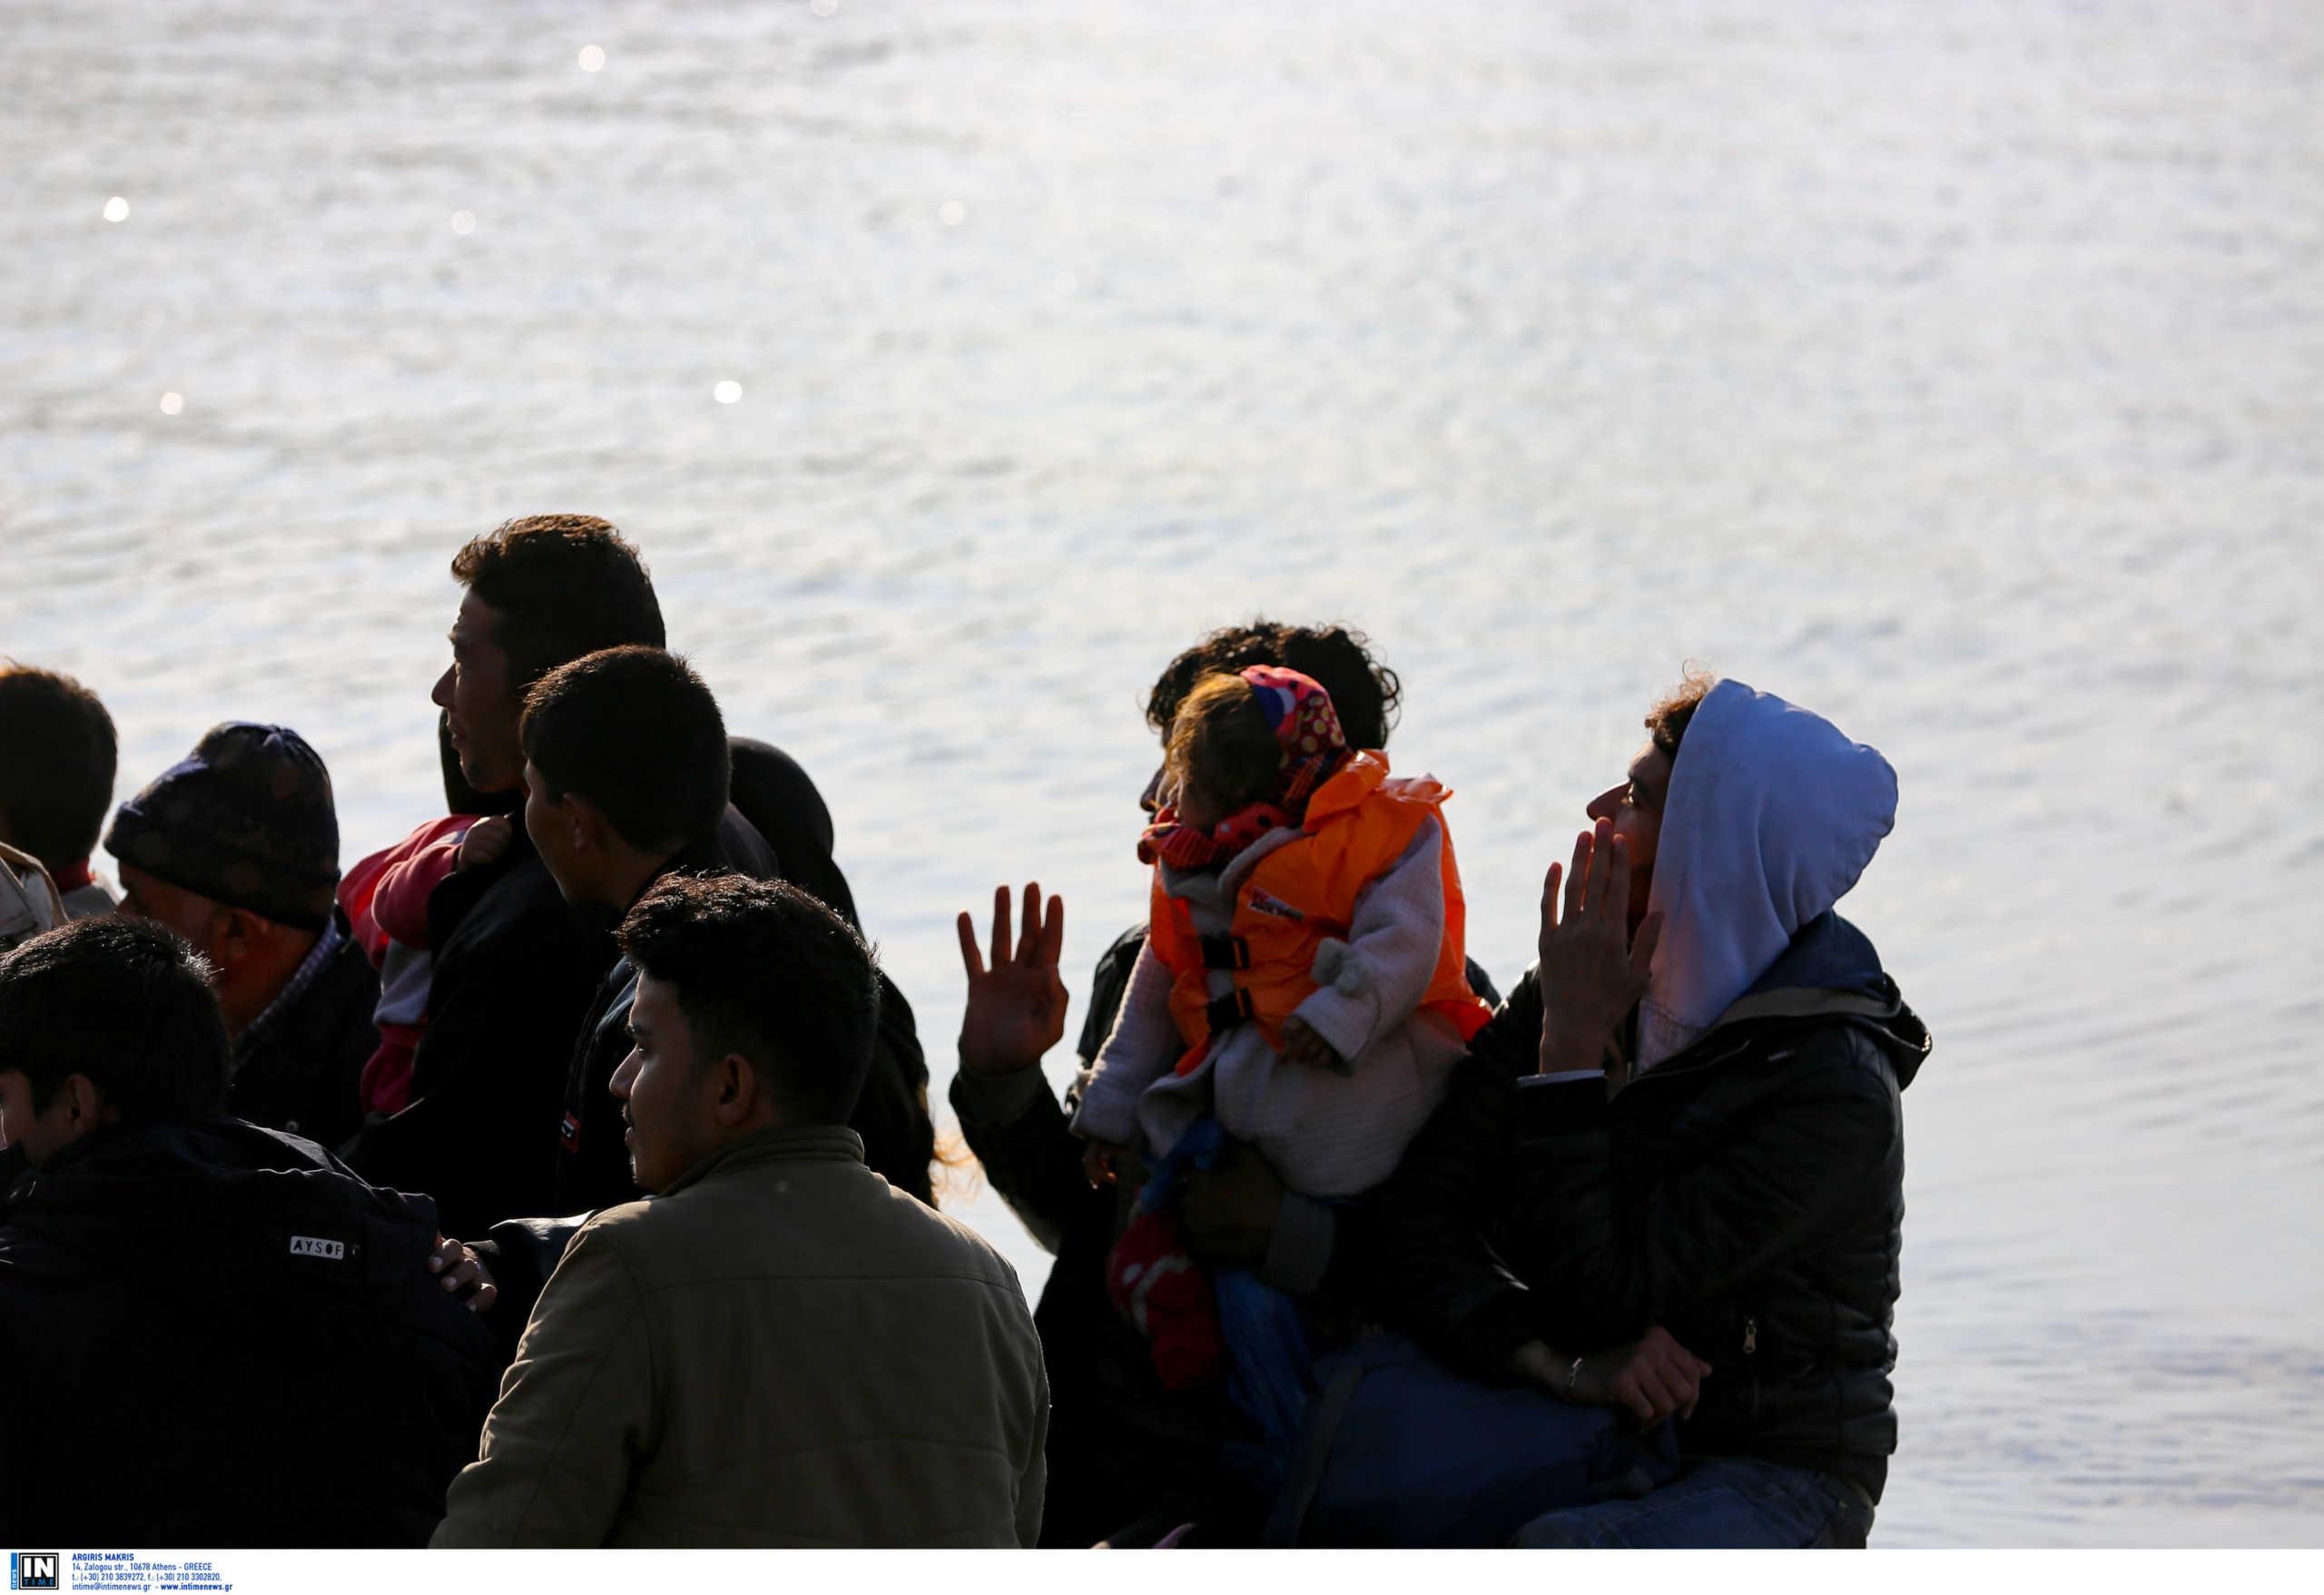 Λέσβος: Συγκλονίζει ο σπαραγμός της μάνας του παιδιού που πνίγηκε! Η τραγική οικογενειακή ιστορία